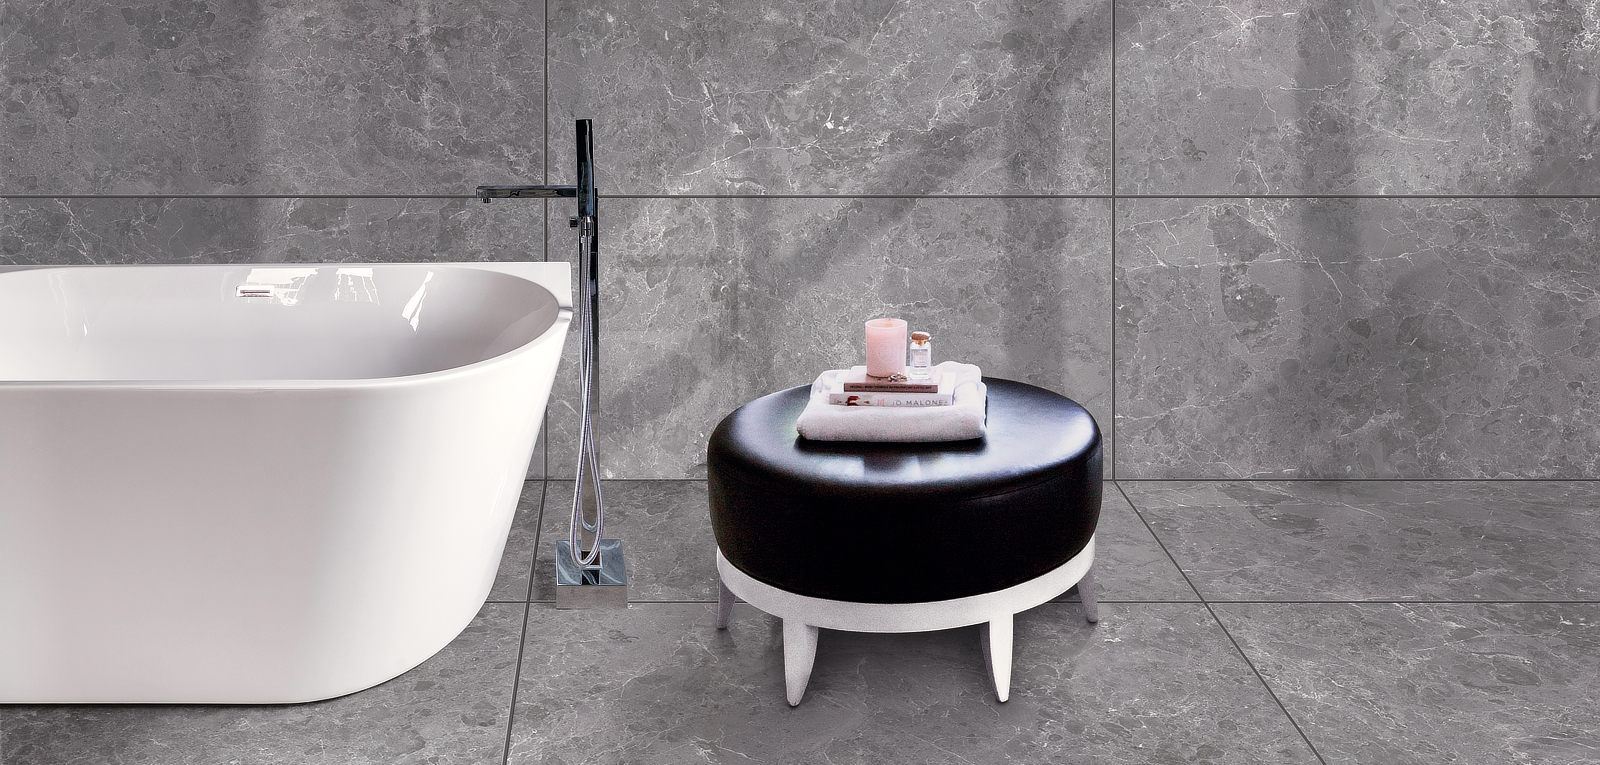 tagina-marmore-grigio-bathroom